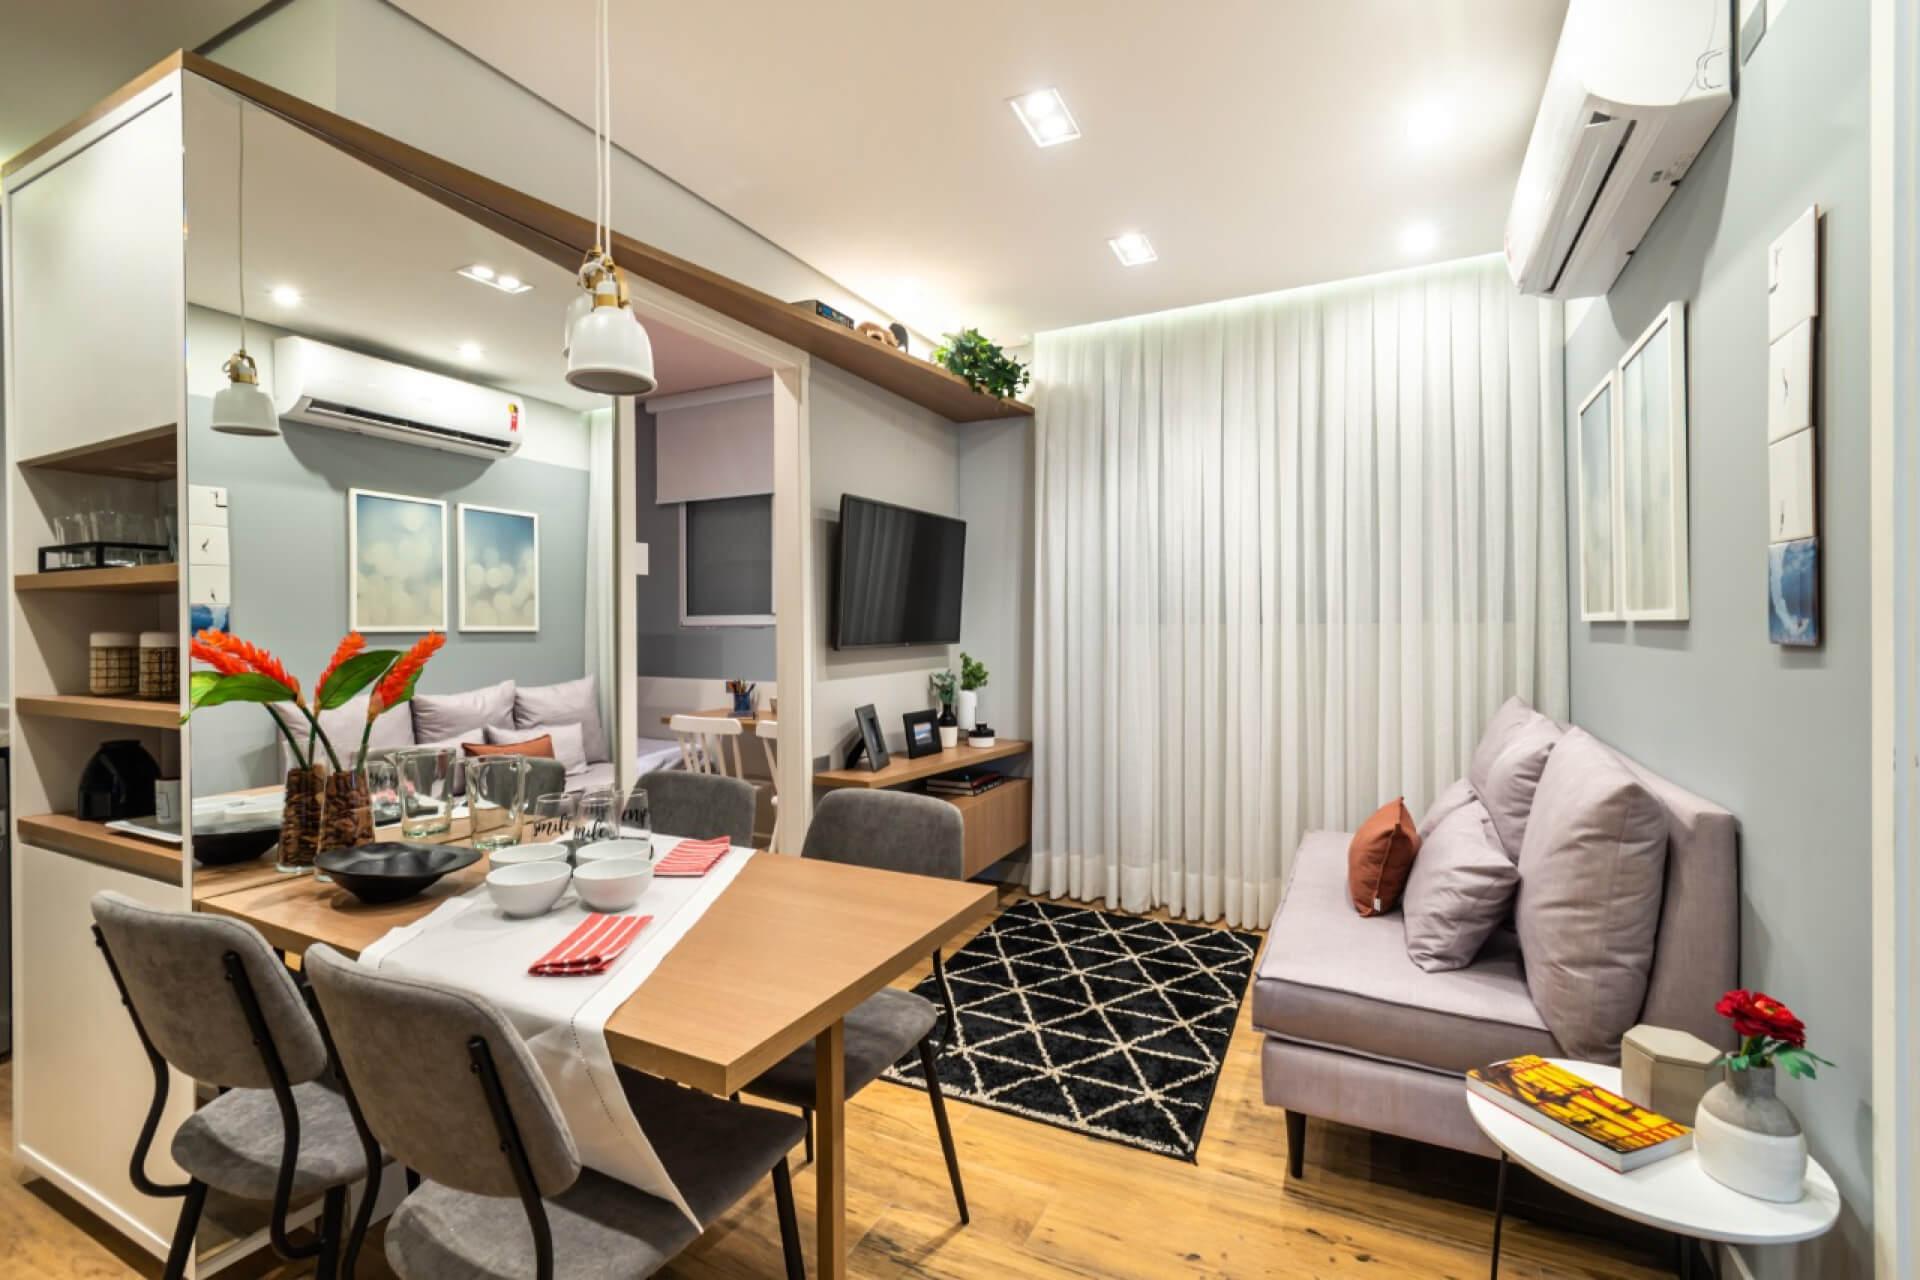 SALA centralizada na planta do apto de 35 m², um ambiente de convívio com espaço de estar e jantar integrados.